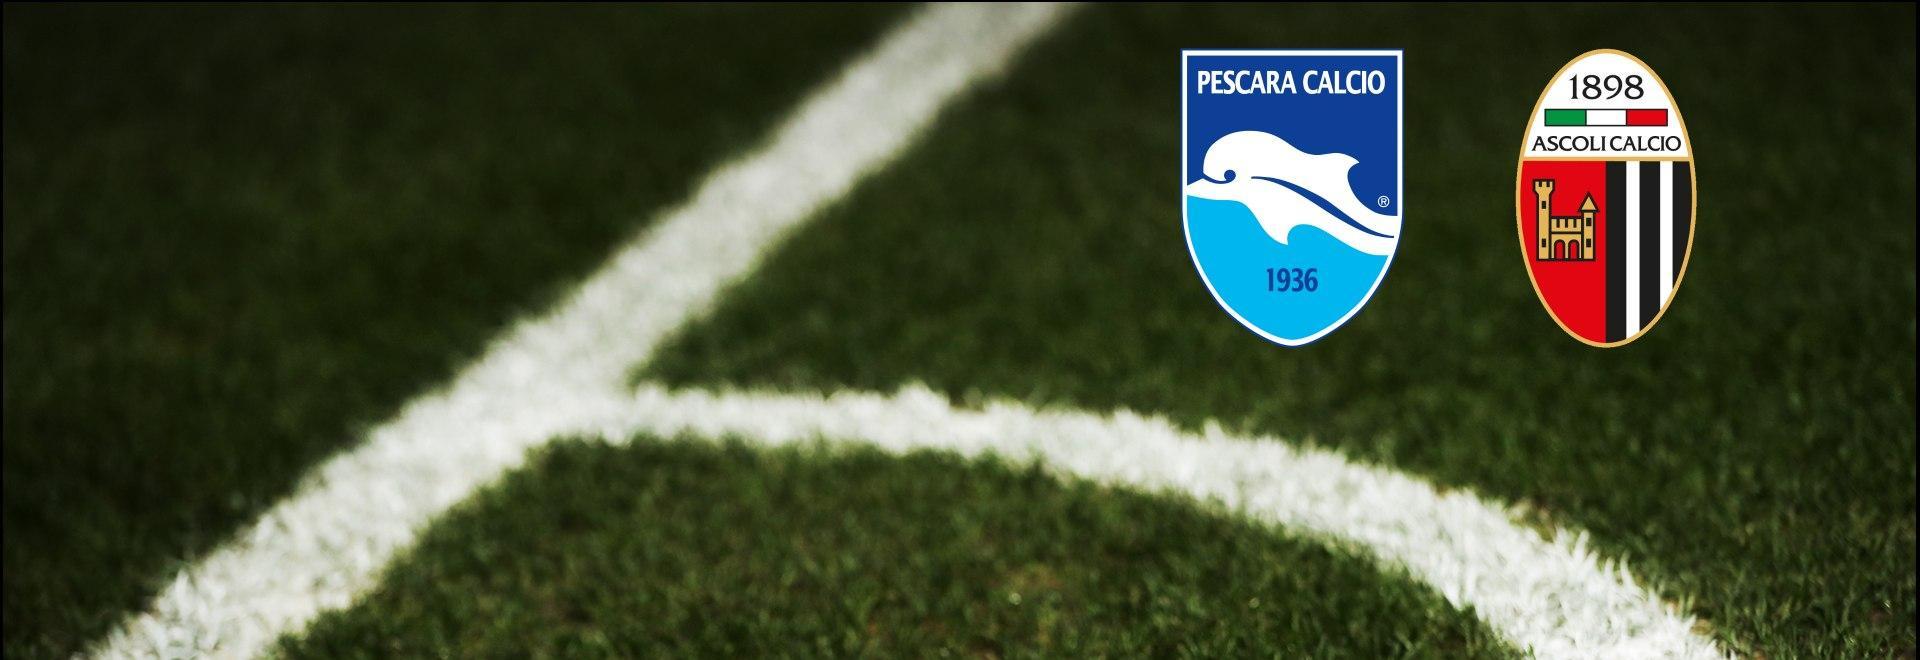 Pescara - Ascoli. 29a g.